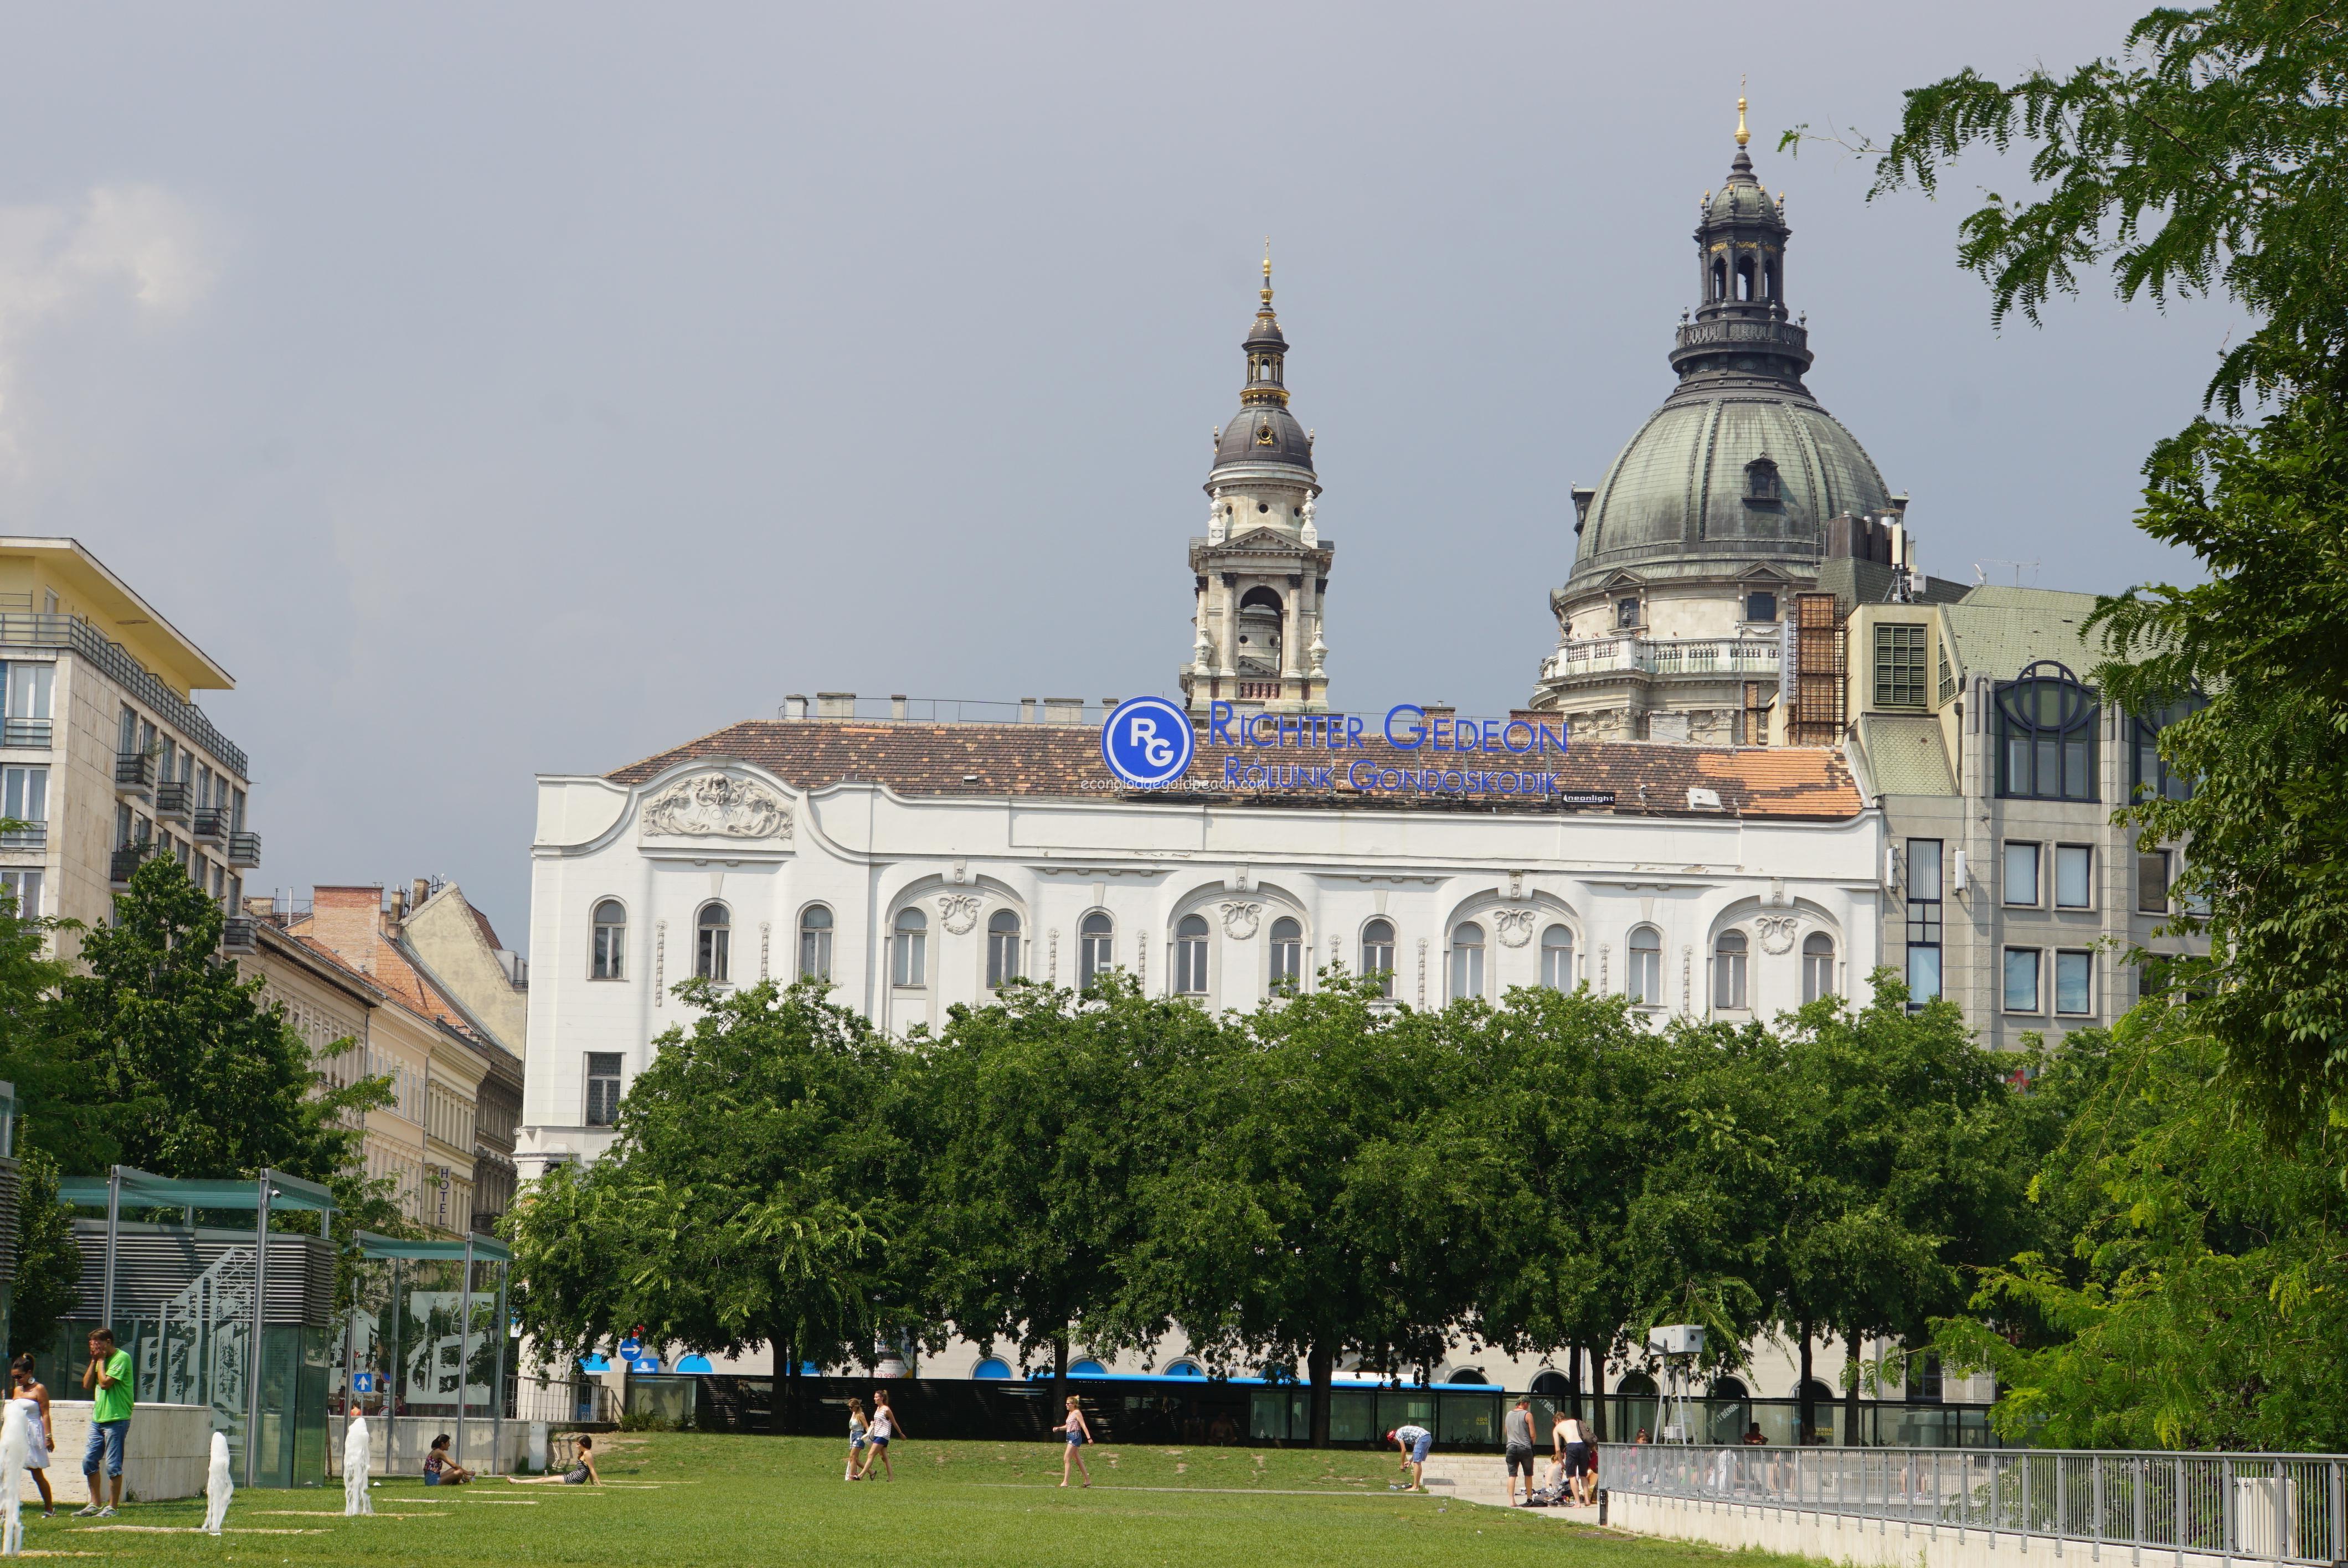 ブダペスト市内のバス停そば